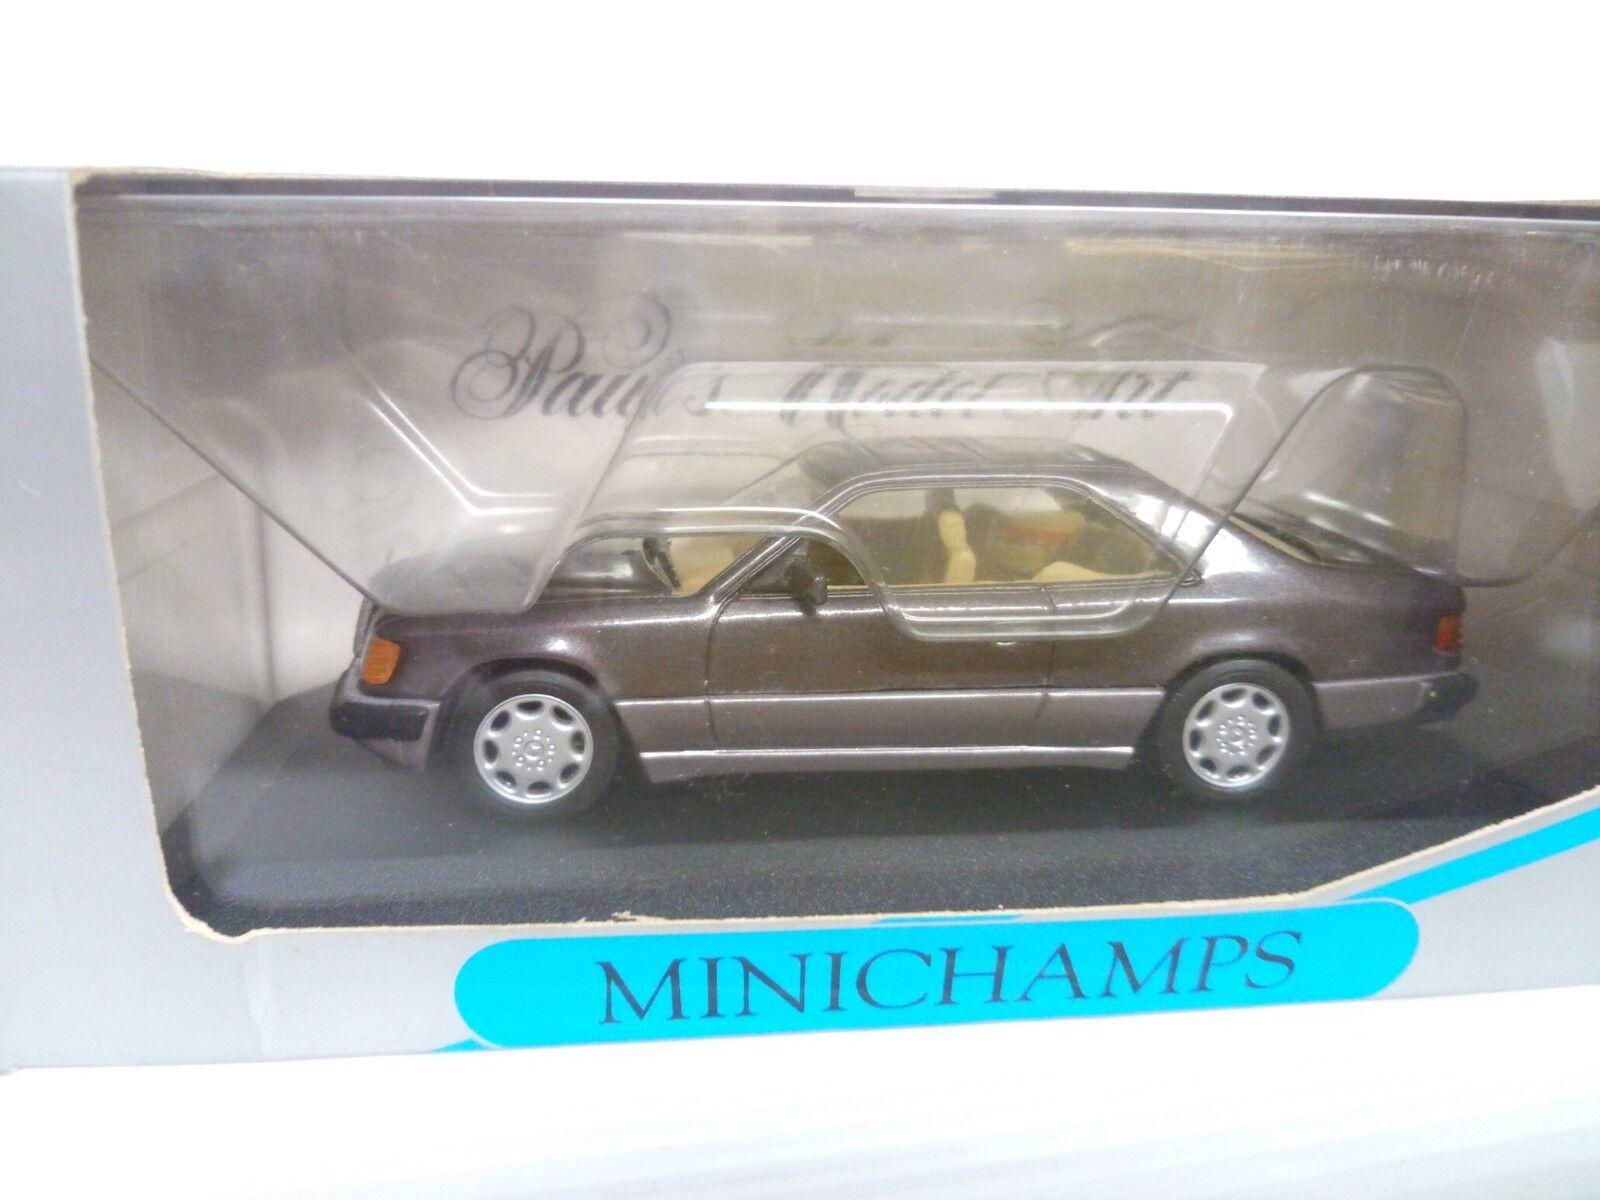 MINICHAMPS 1 43 MERCEDES 300 CE 24 V COUPE